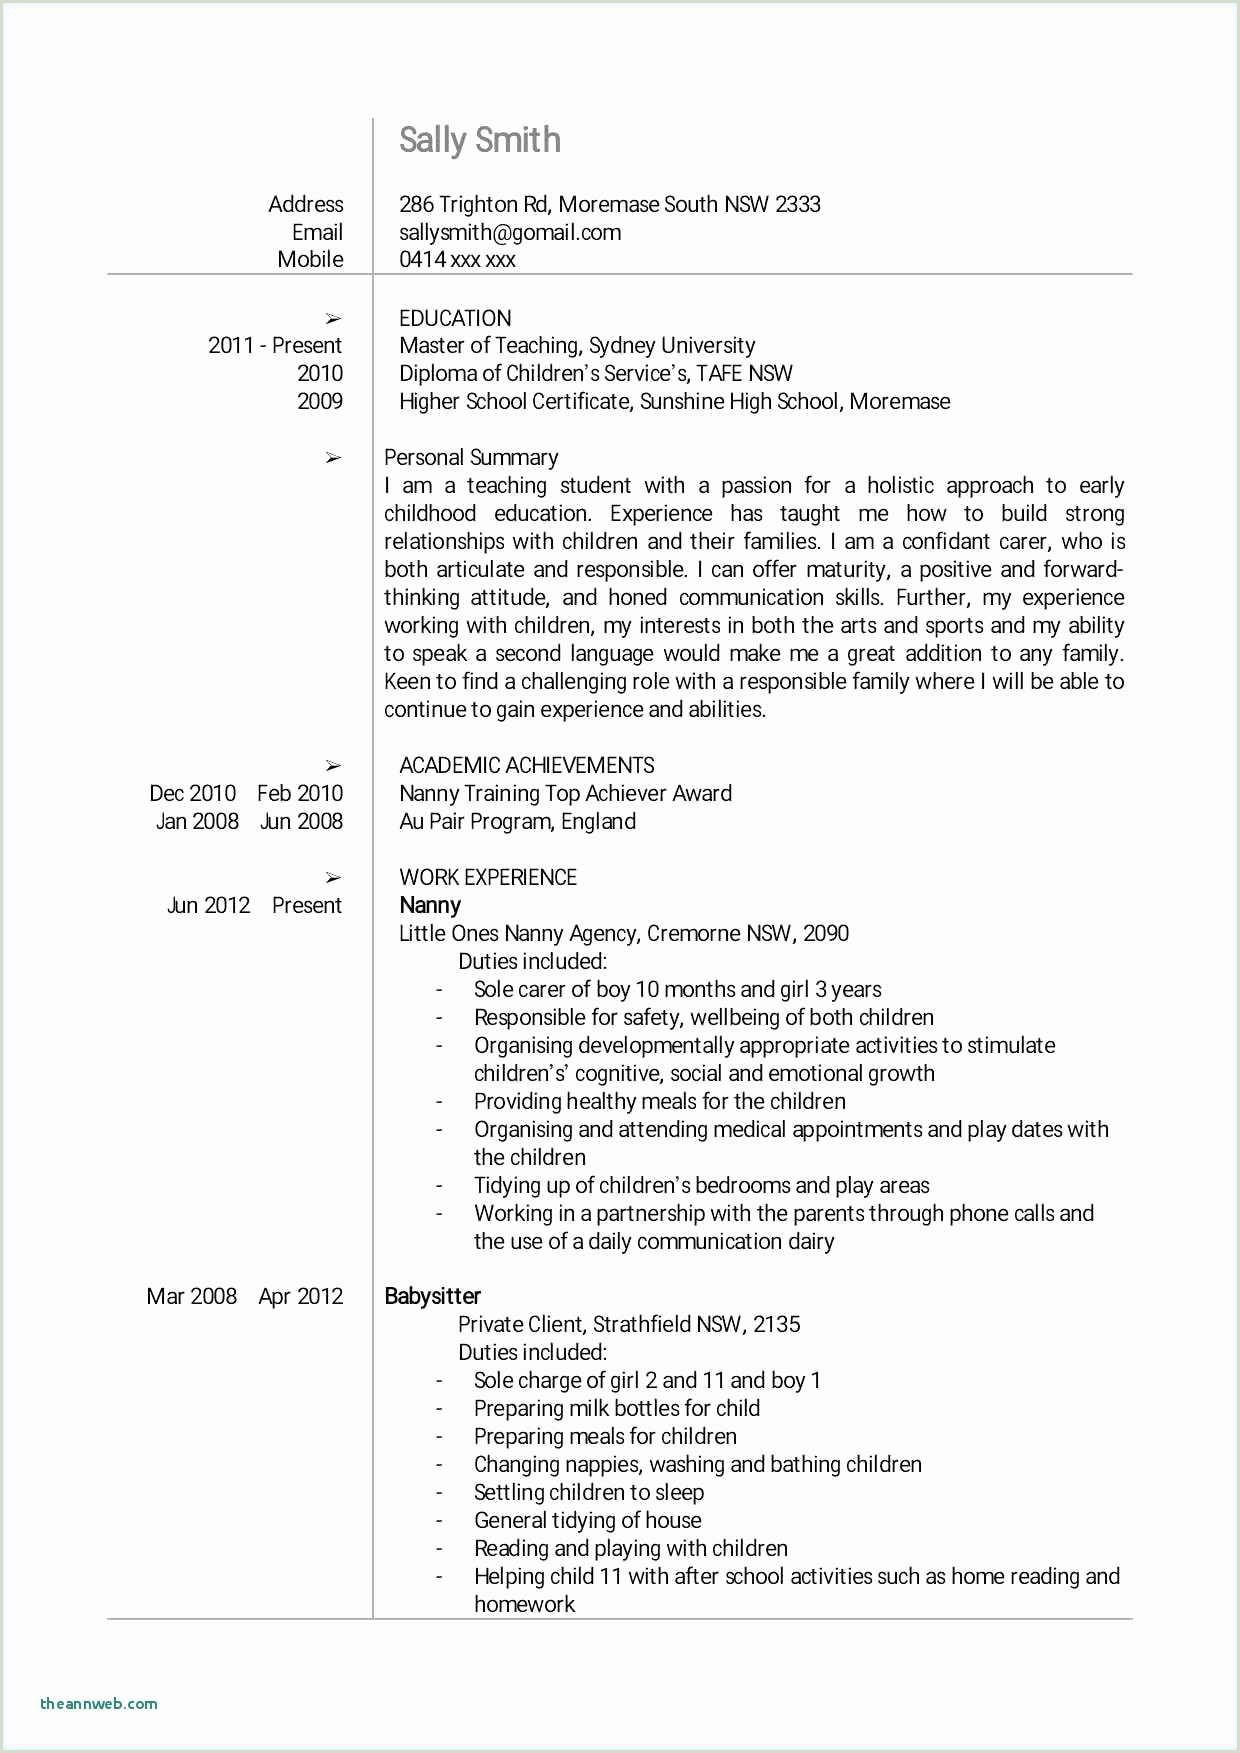 Standard Cv format for School Teacher Friendly Letter format High School Sample Resume for